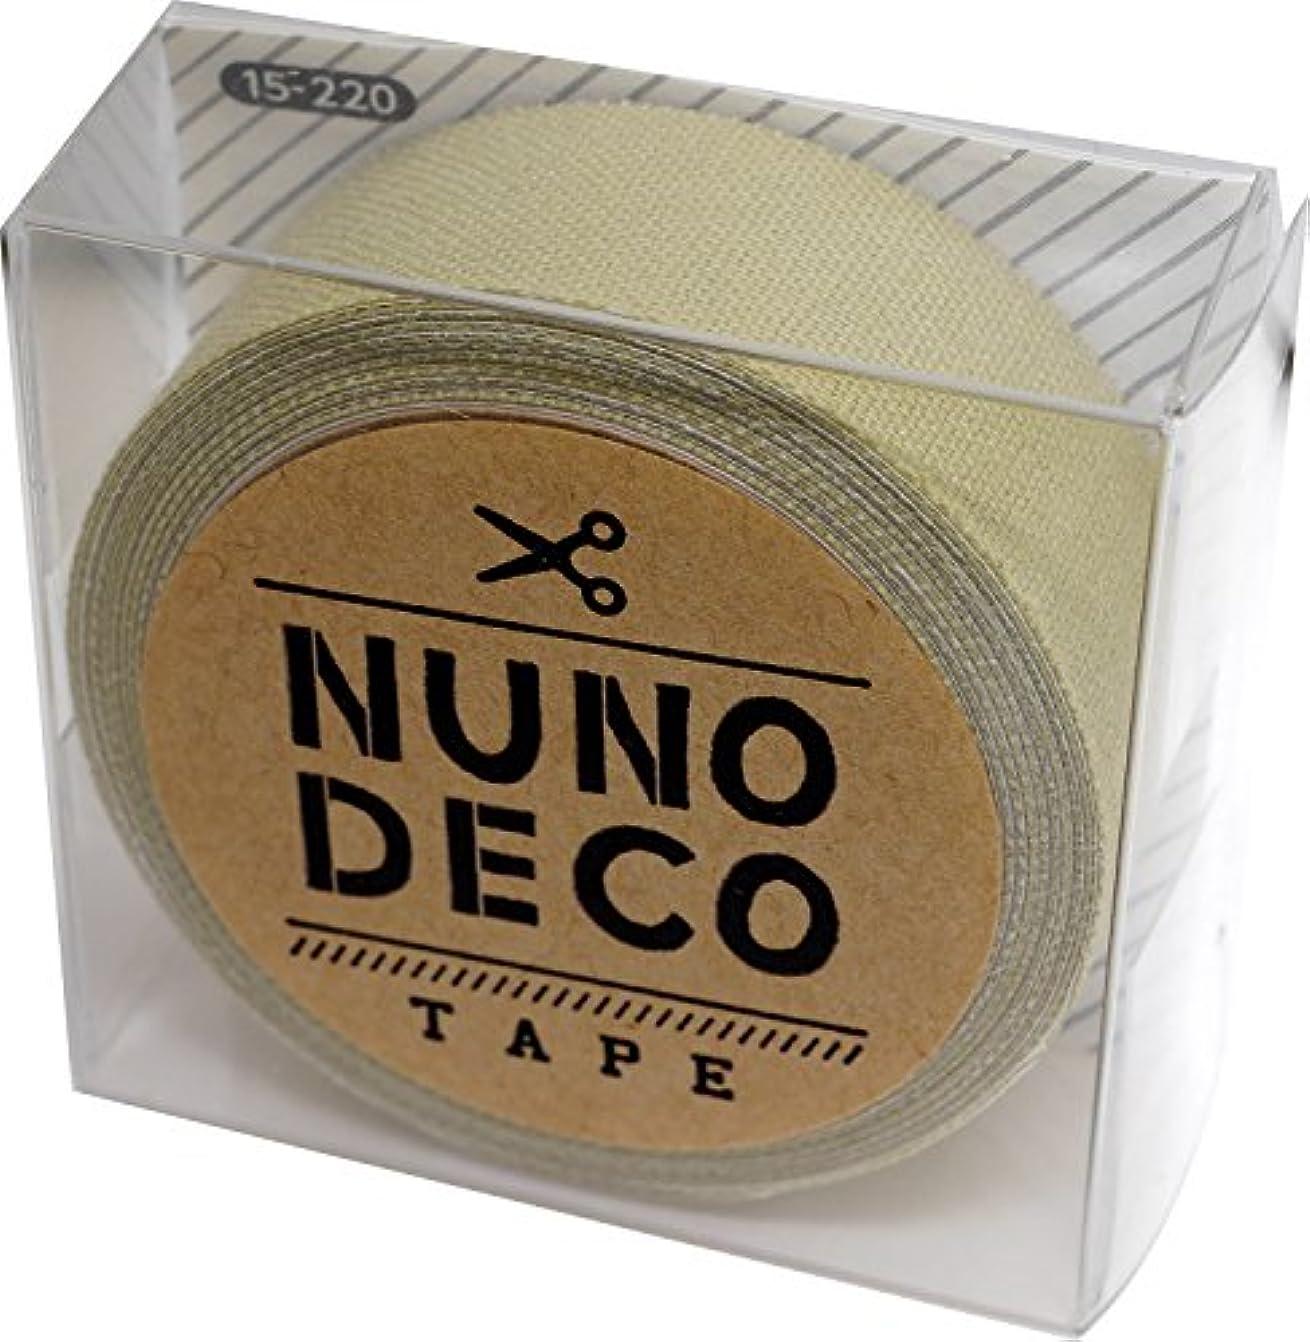 国籍お手入れポケットKAWAGUCHI(カワグチ) NUNO DECO TAPE ヌノデコテープ 1.5cm幅 1.2m巻 ハーブ 15-220